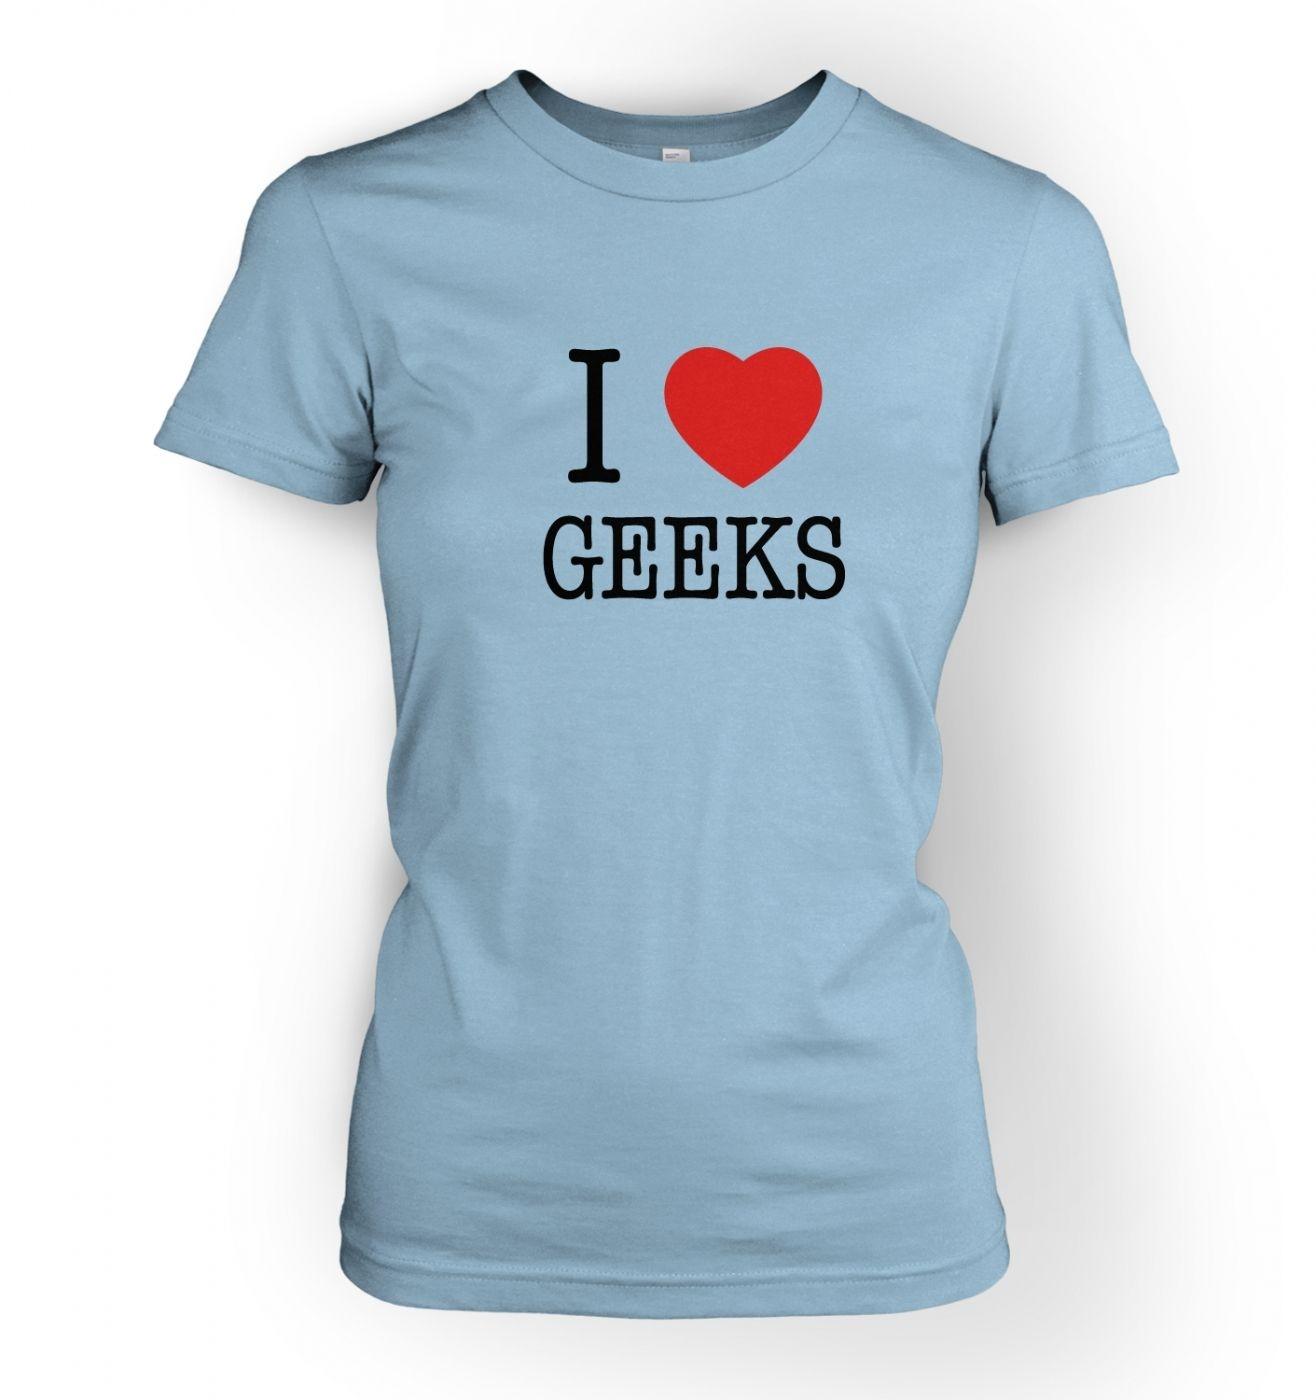 Women's I love geeks t-shirt